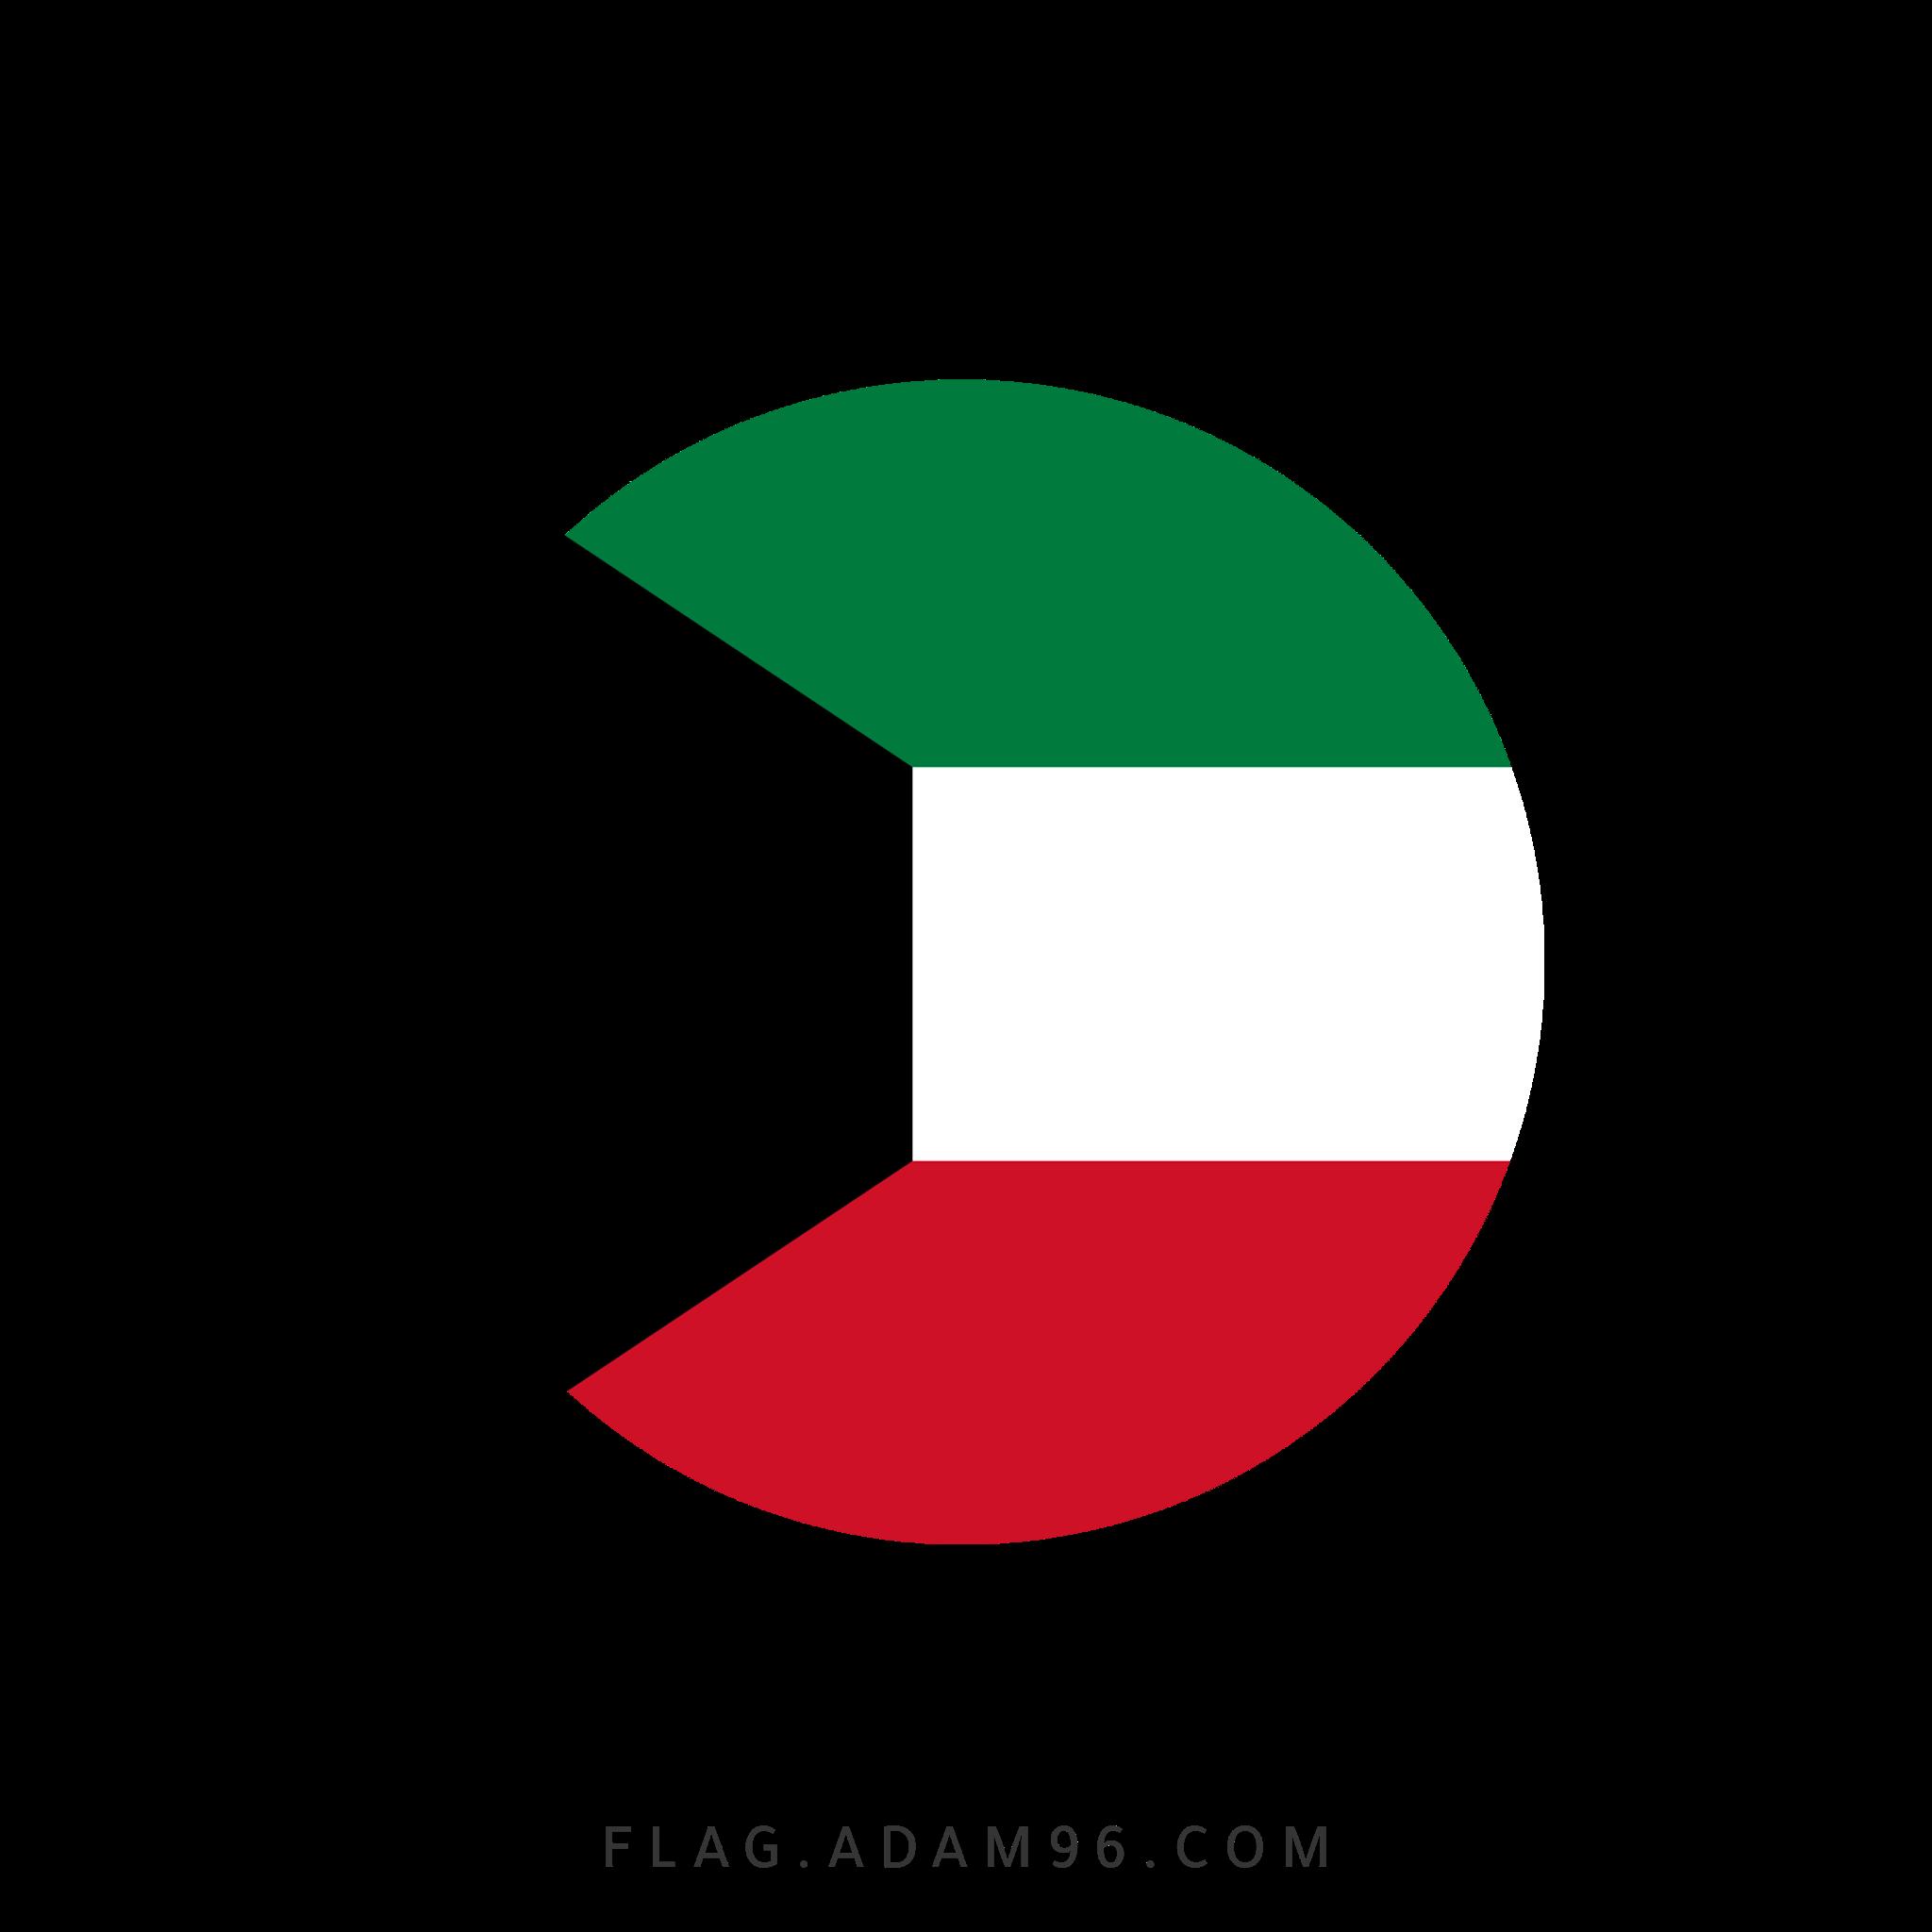 تحميل علم الكويت بشكل دائري للتصميم خلفيات علم الكويت للتصميم بصيغة PNG